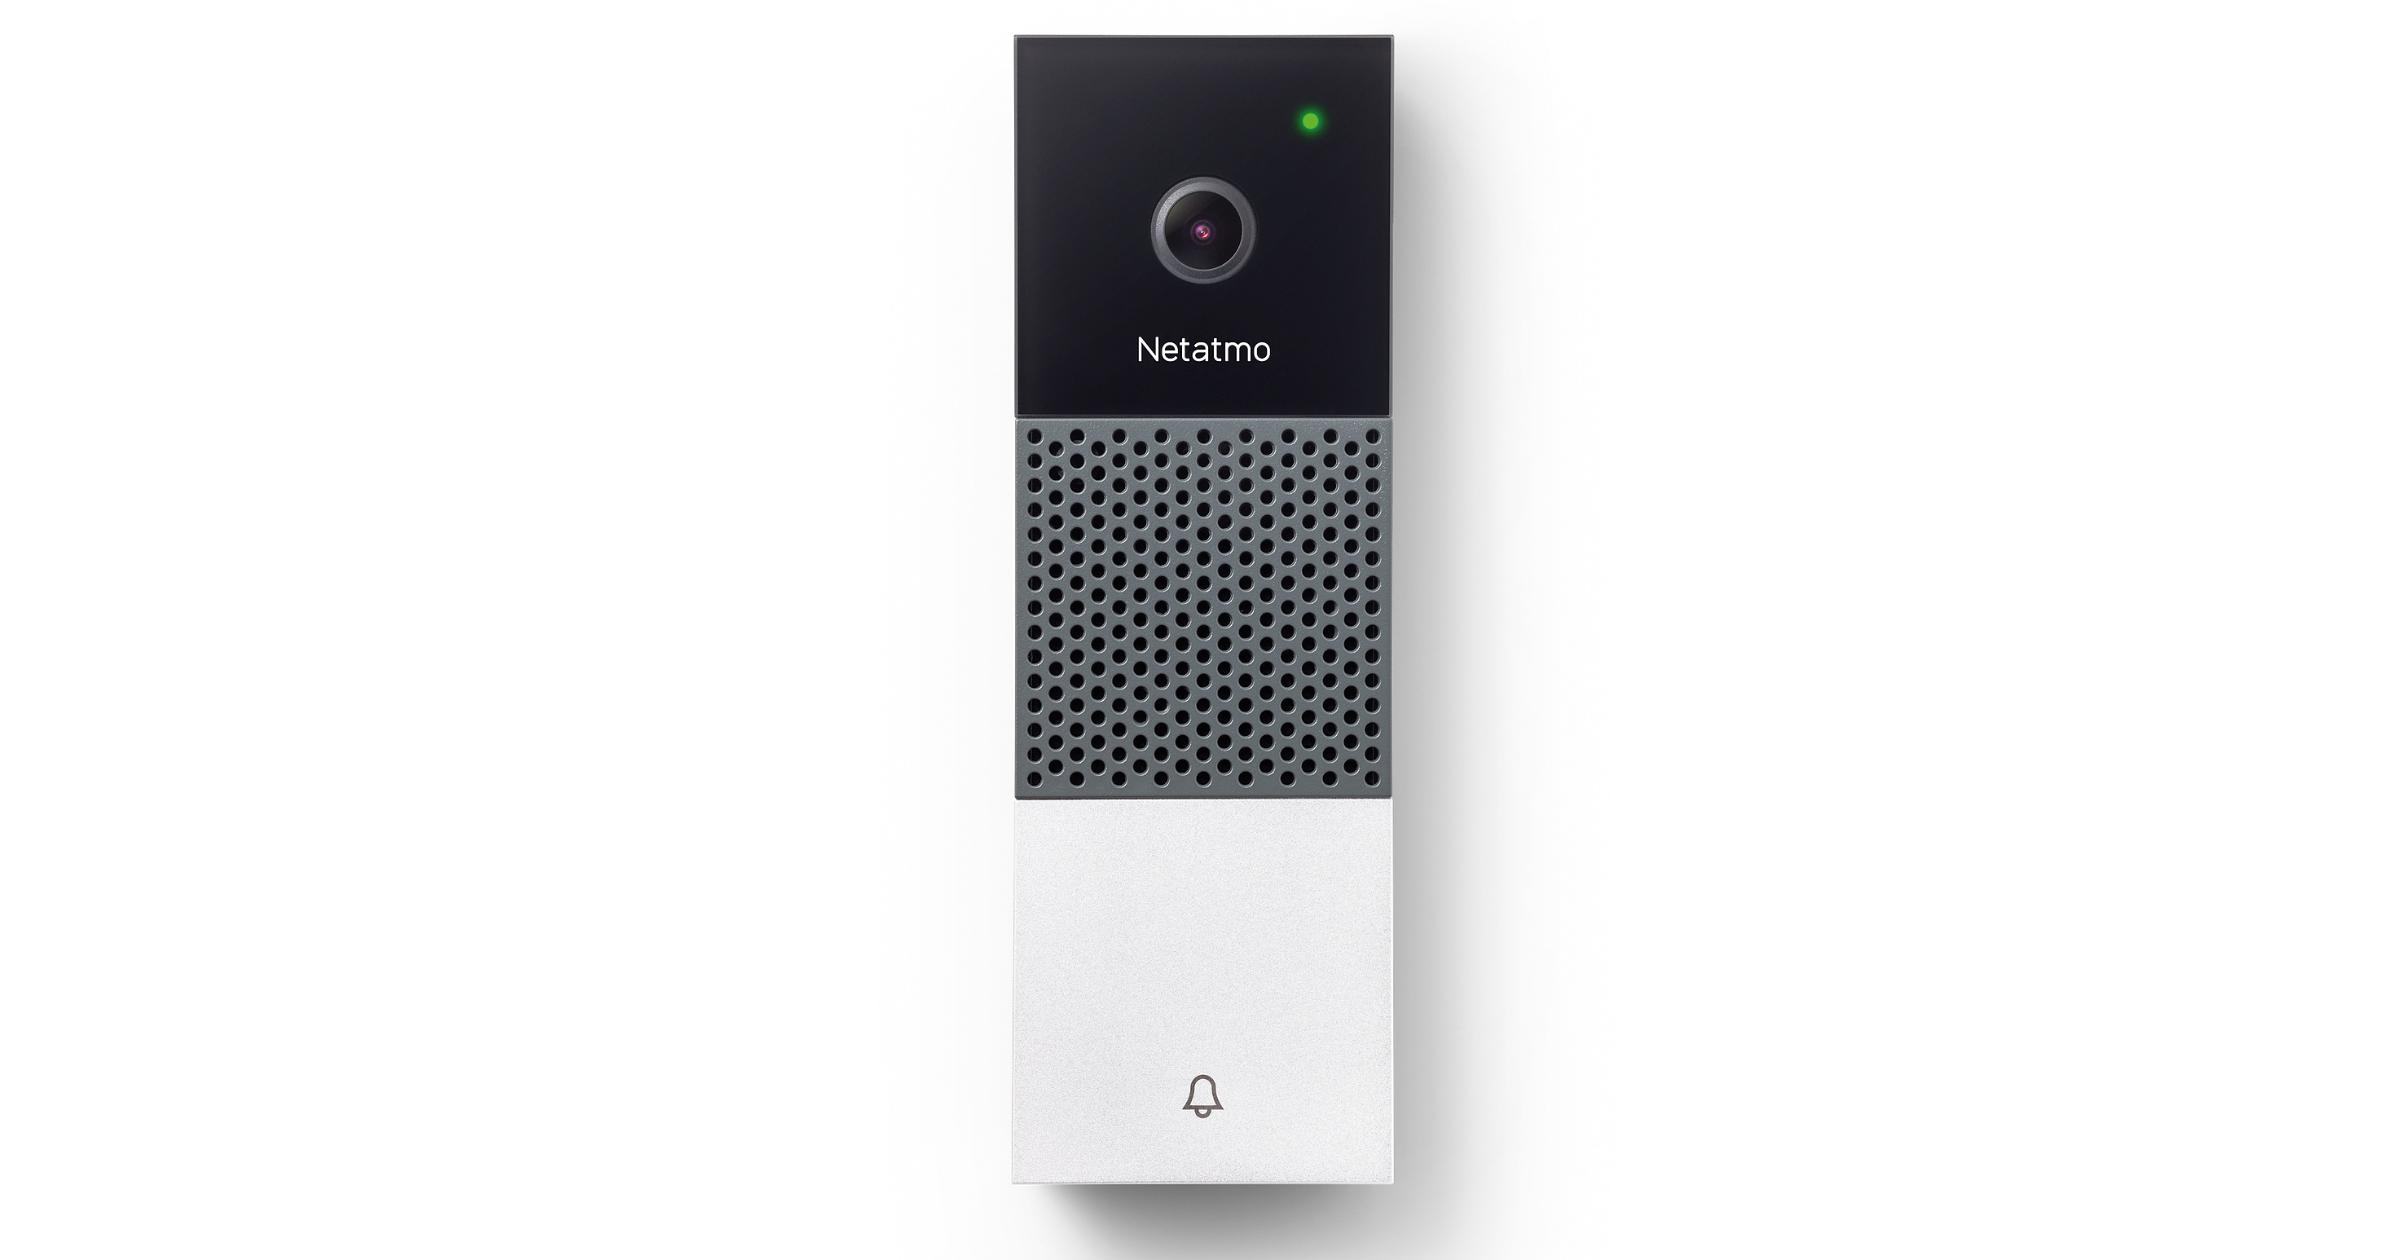 Netamo Smart Video Doorebell